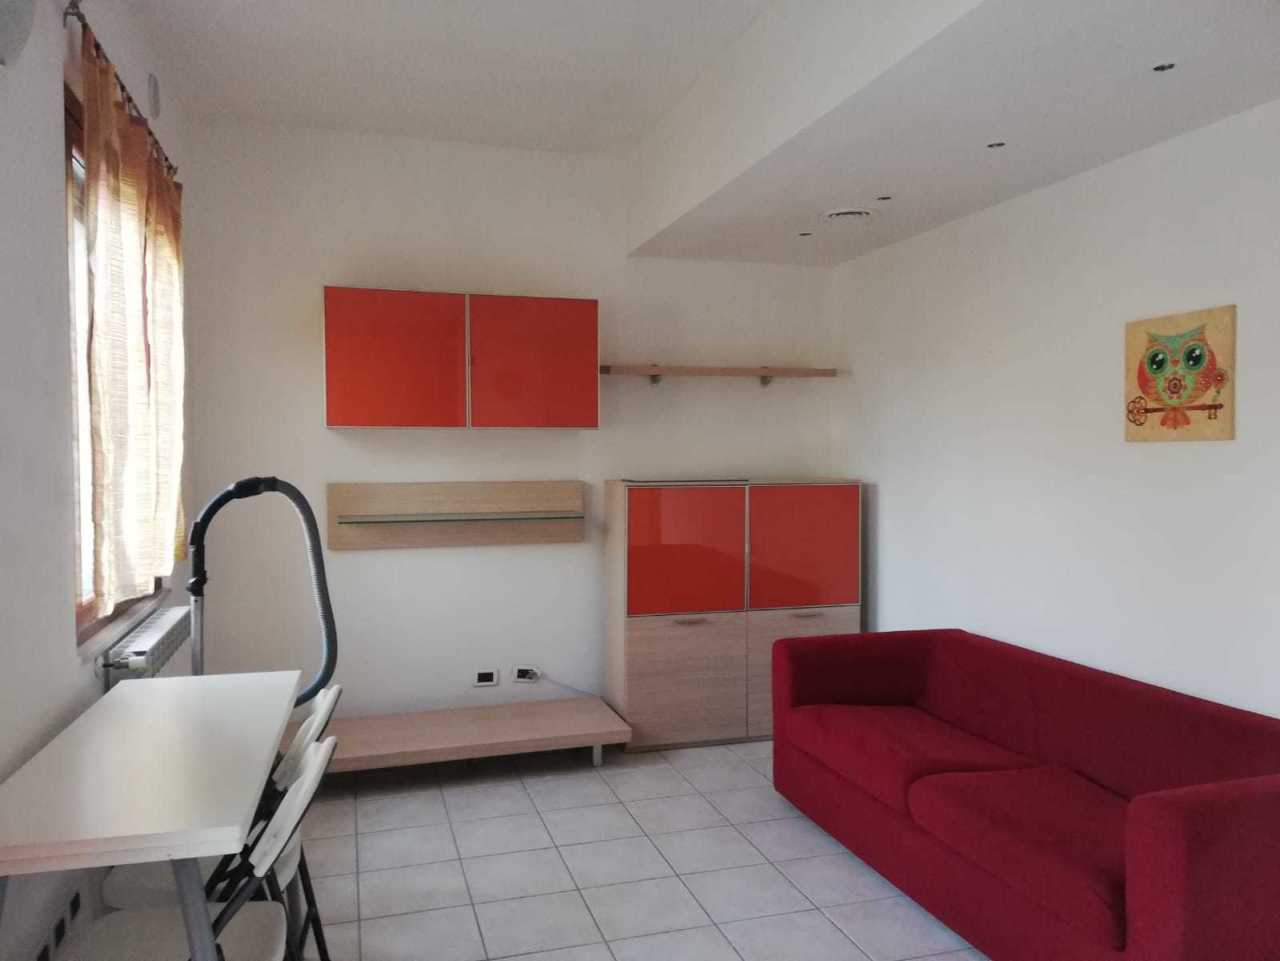 Casa semindipendente in vendita, rif. 2817